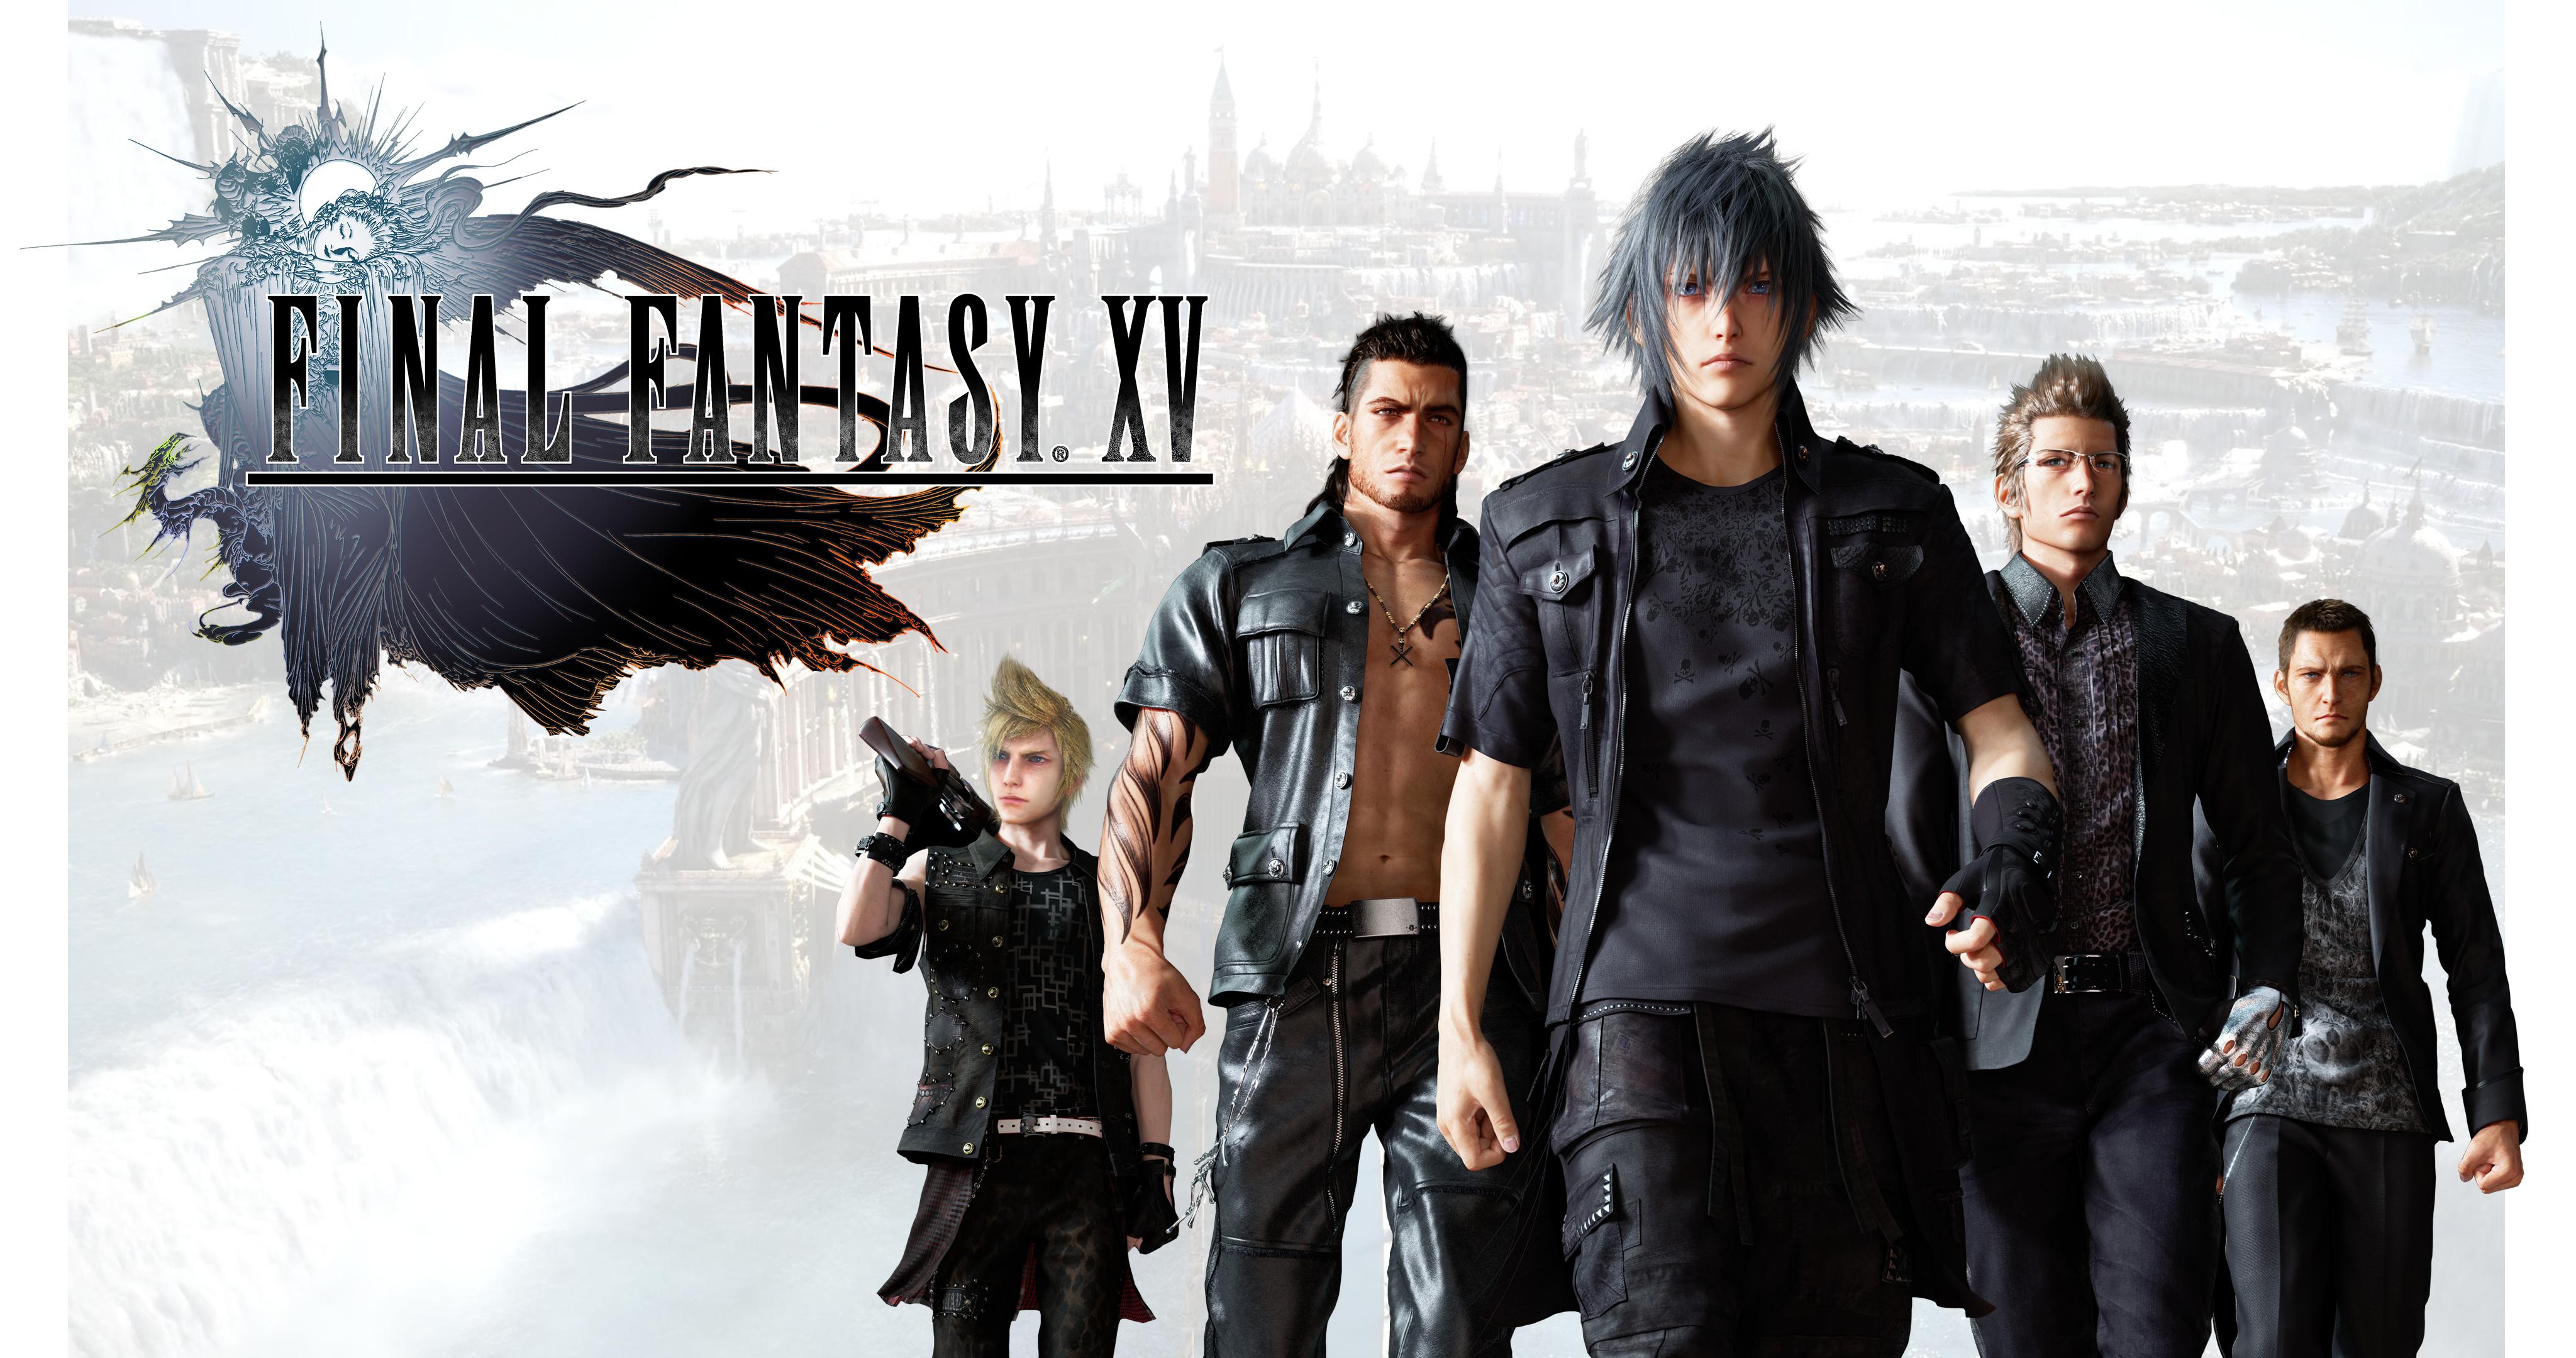 Denuvo Final Fantasy XV Velocidad